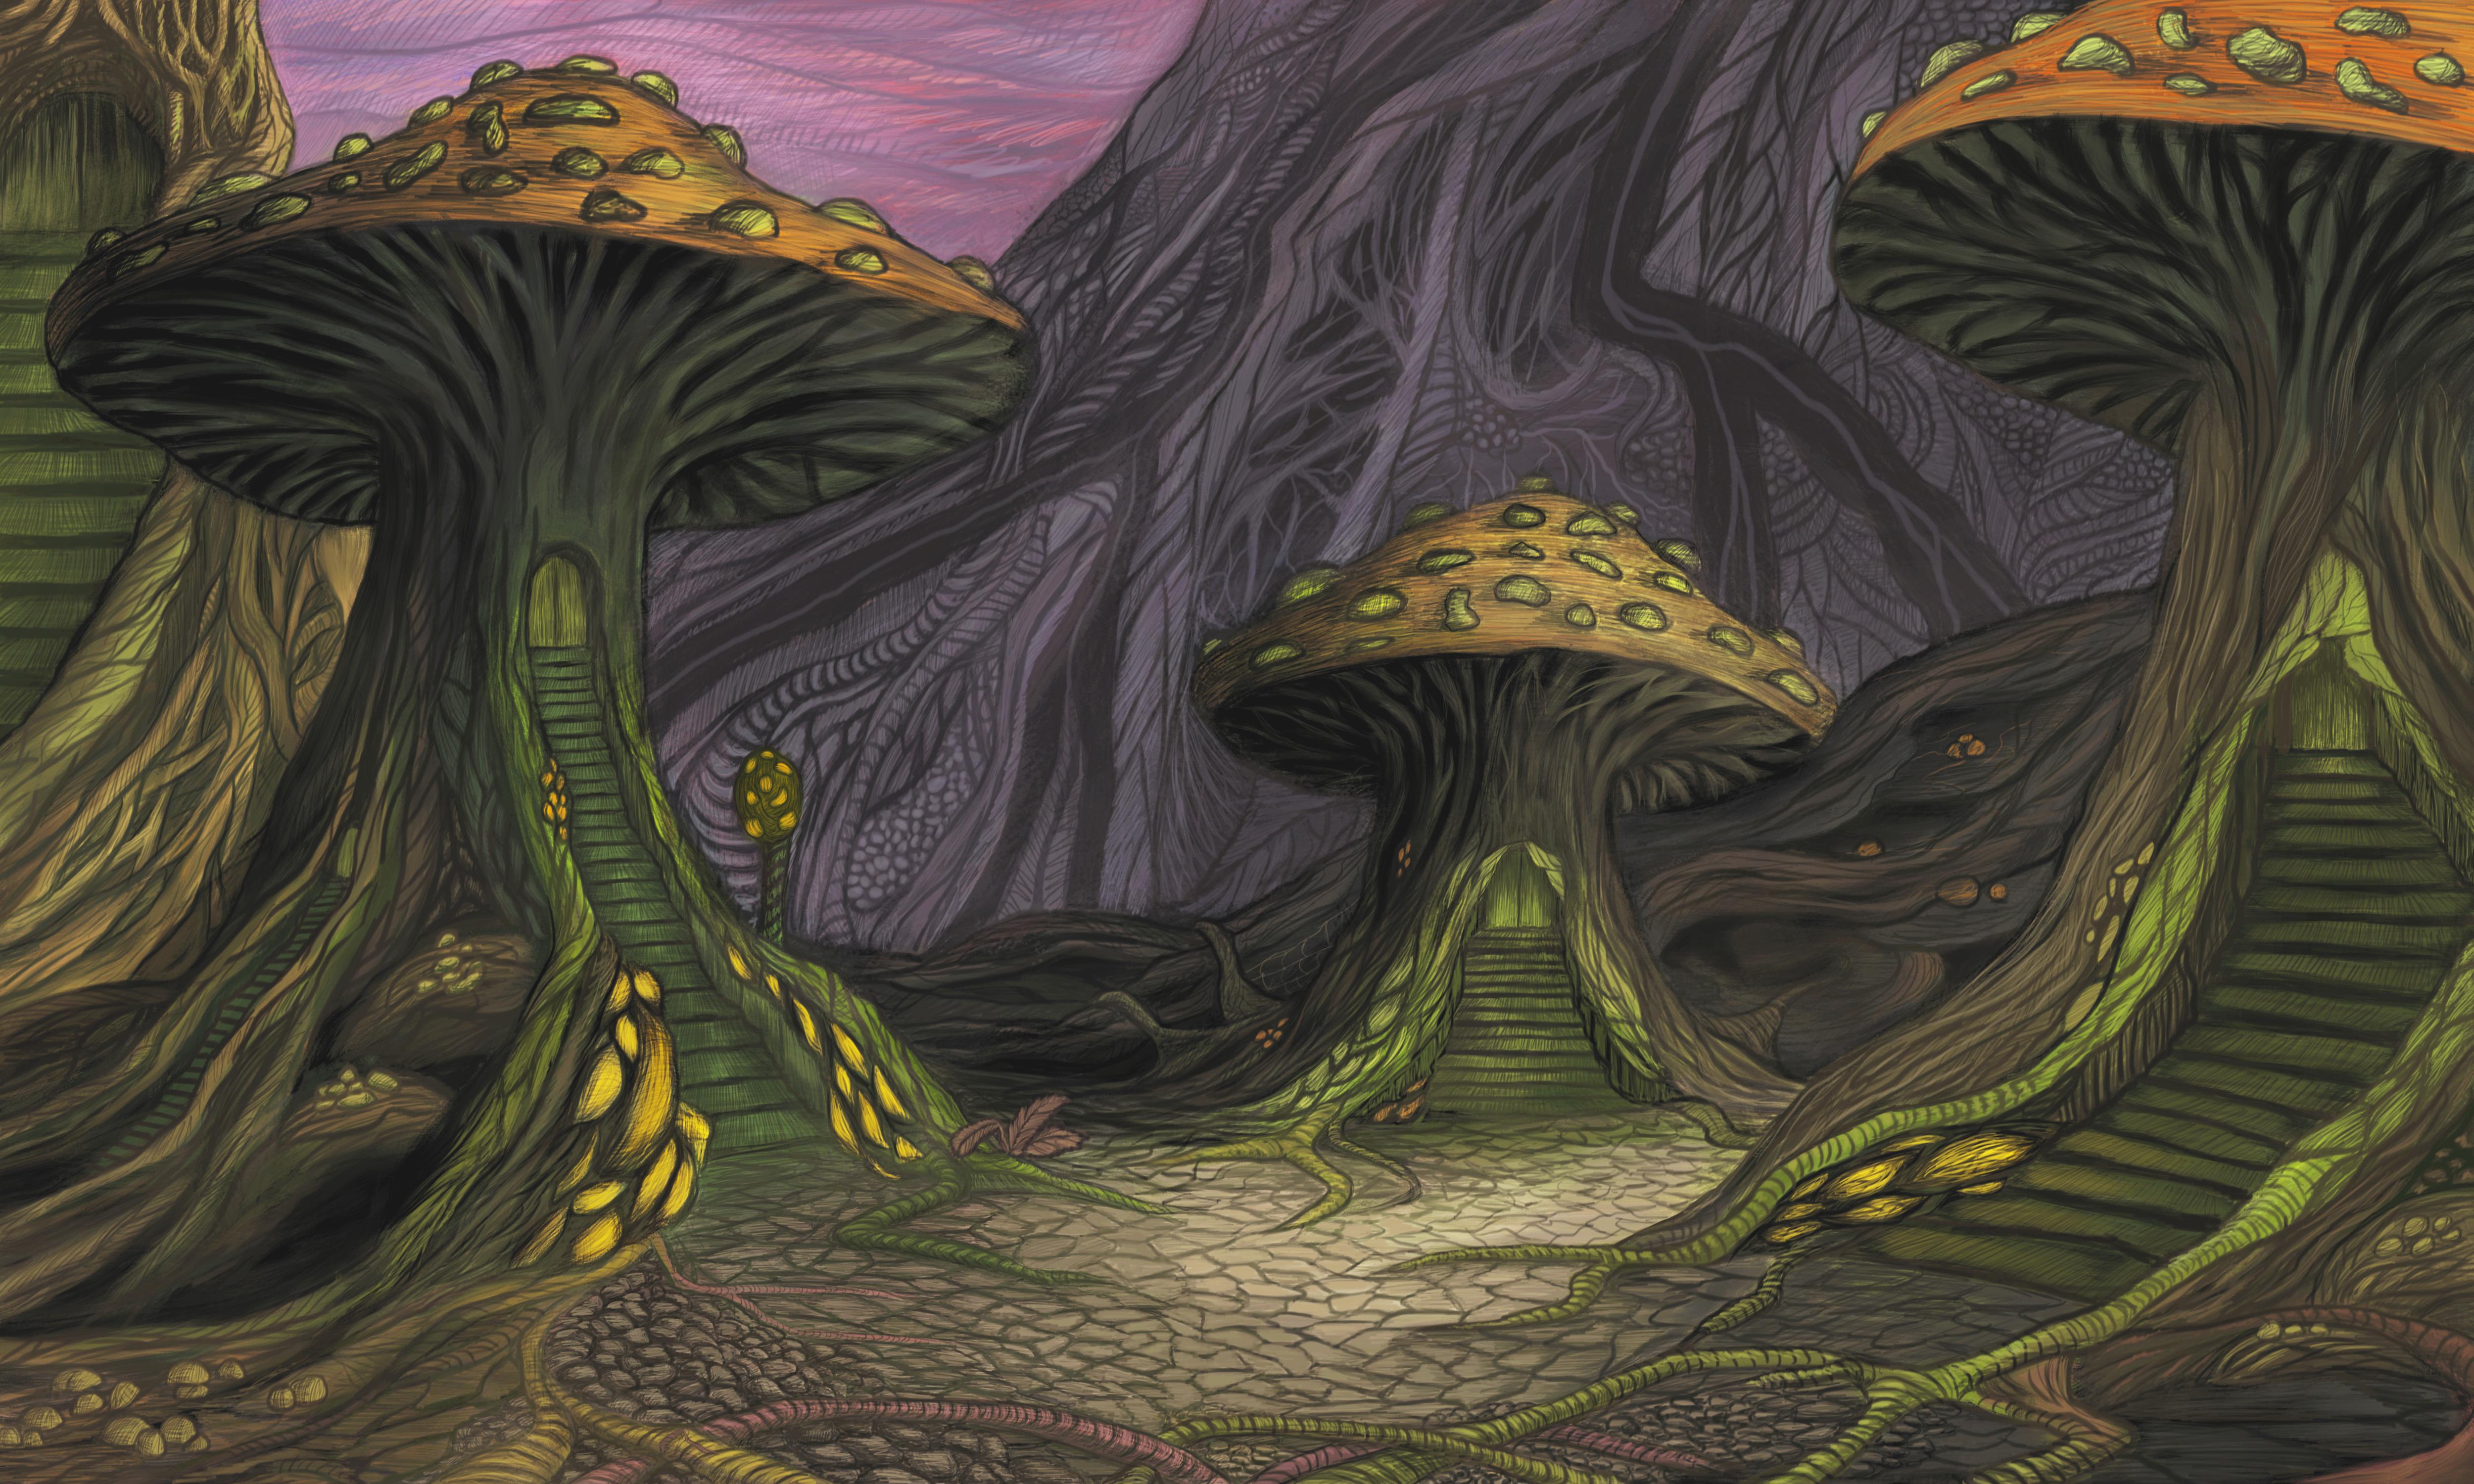 Mushrooms by Theronius